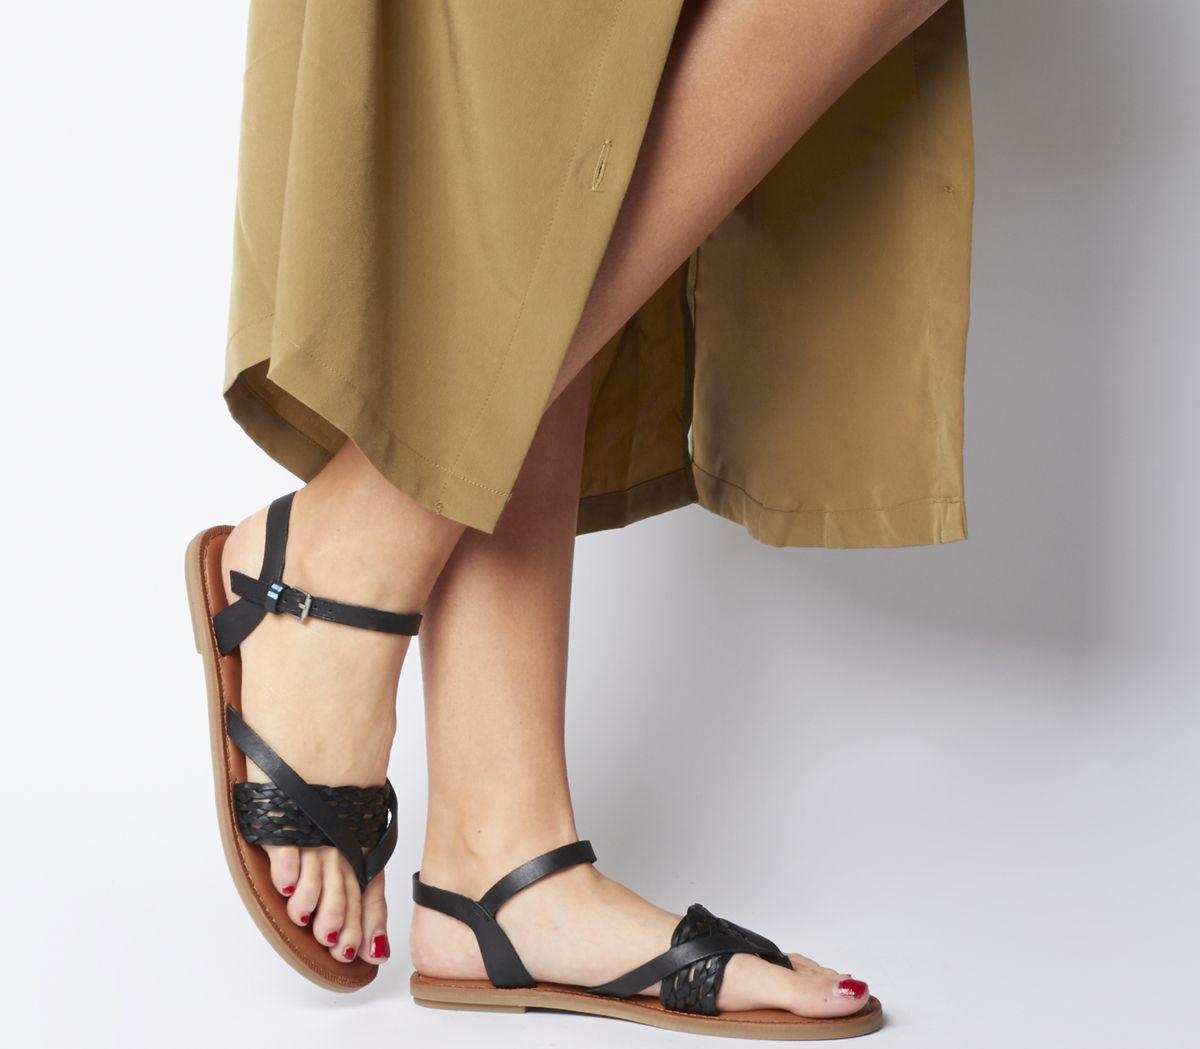 964ee4d8a86 Toms Lexie Sandals Black Leather - Sandals